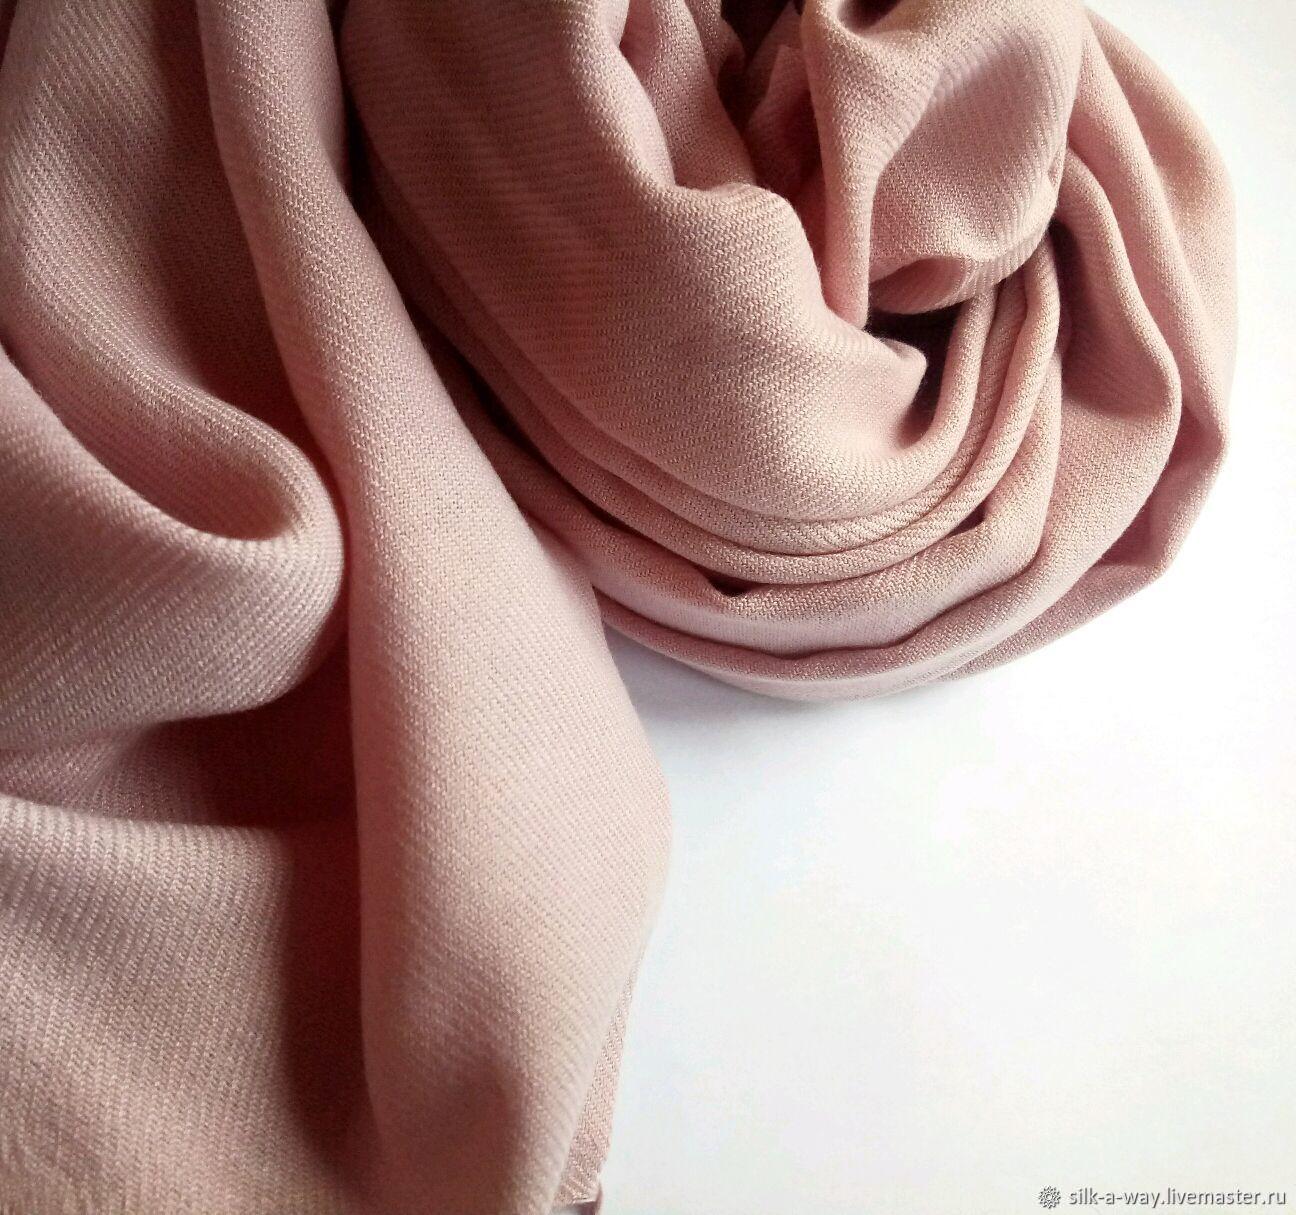 Розовый нюдовый палантин, Палантины, Москва,  Фото №1